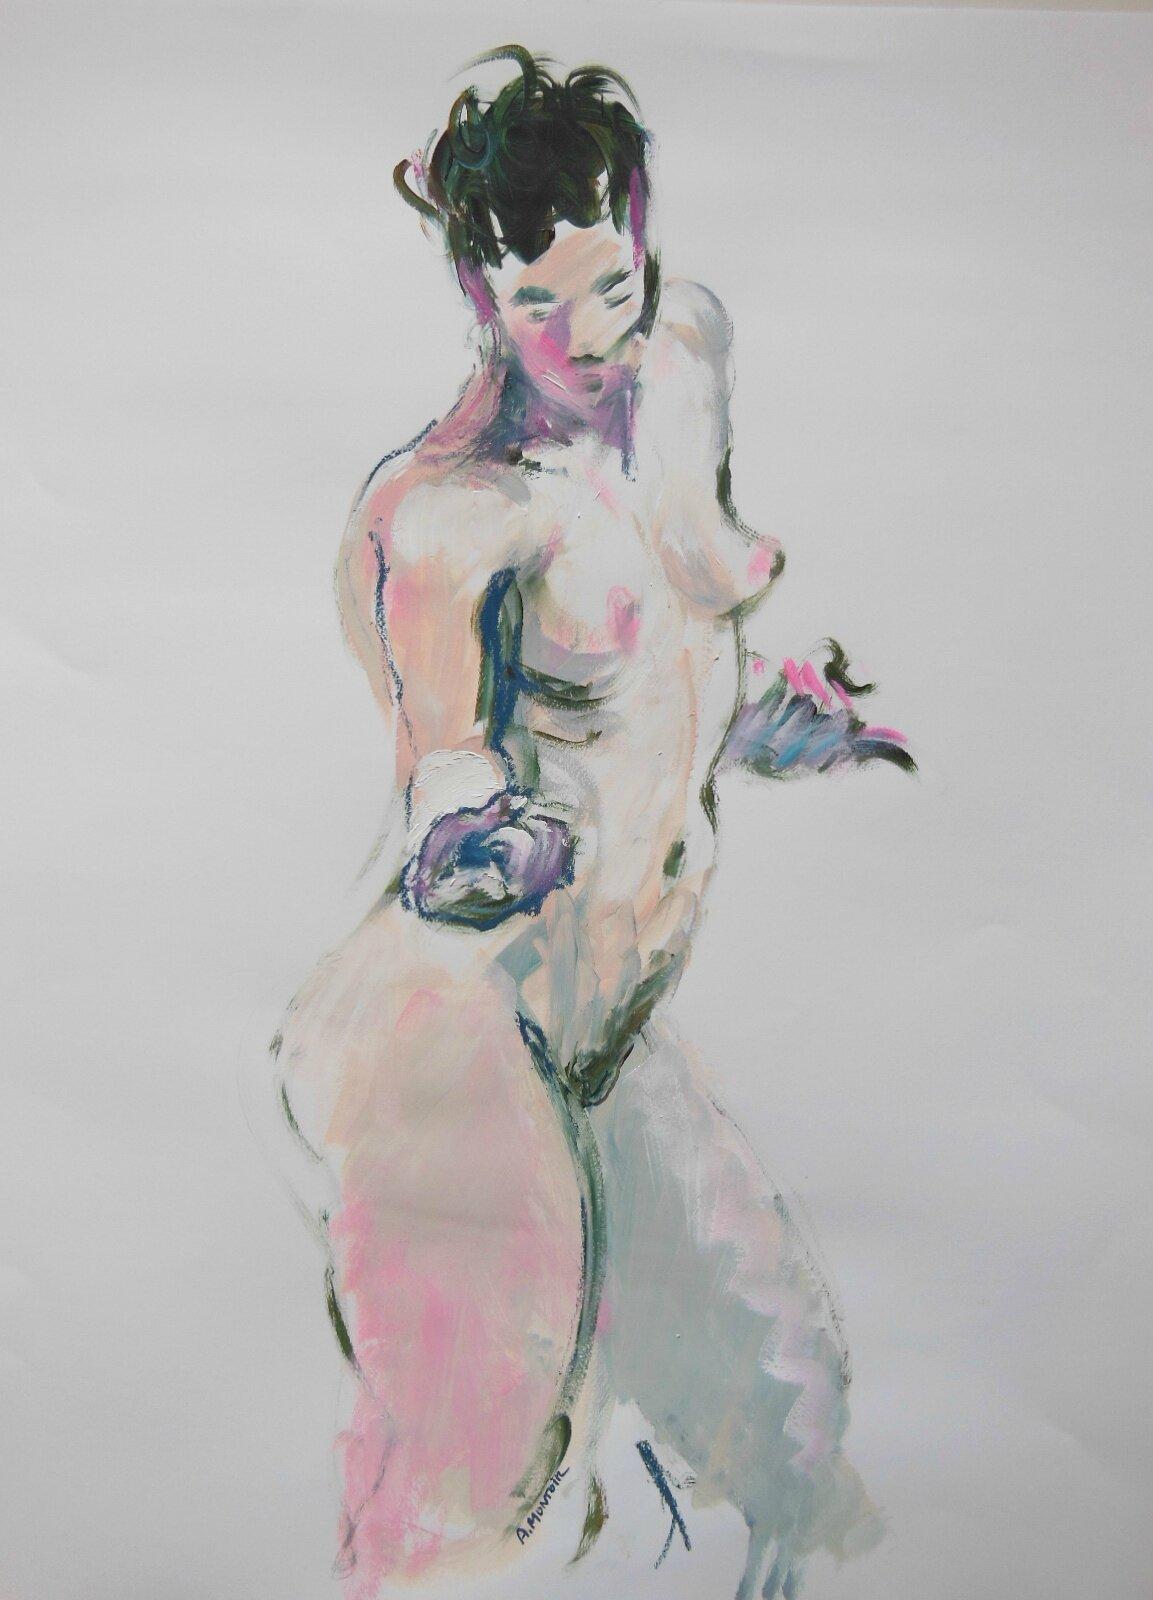 Marine dessin peinture tableau de nu contemporain (22)